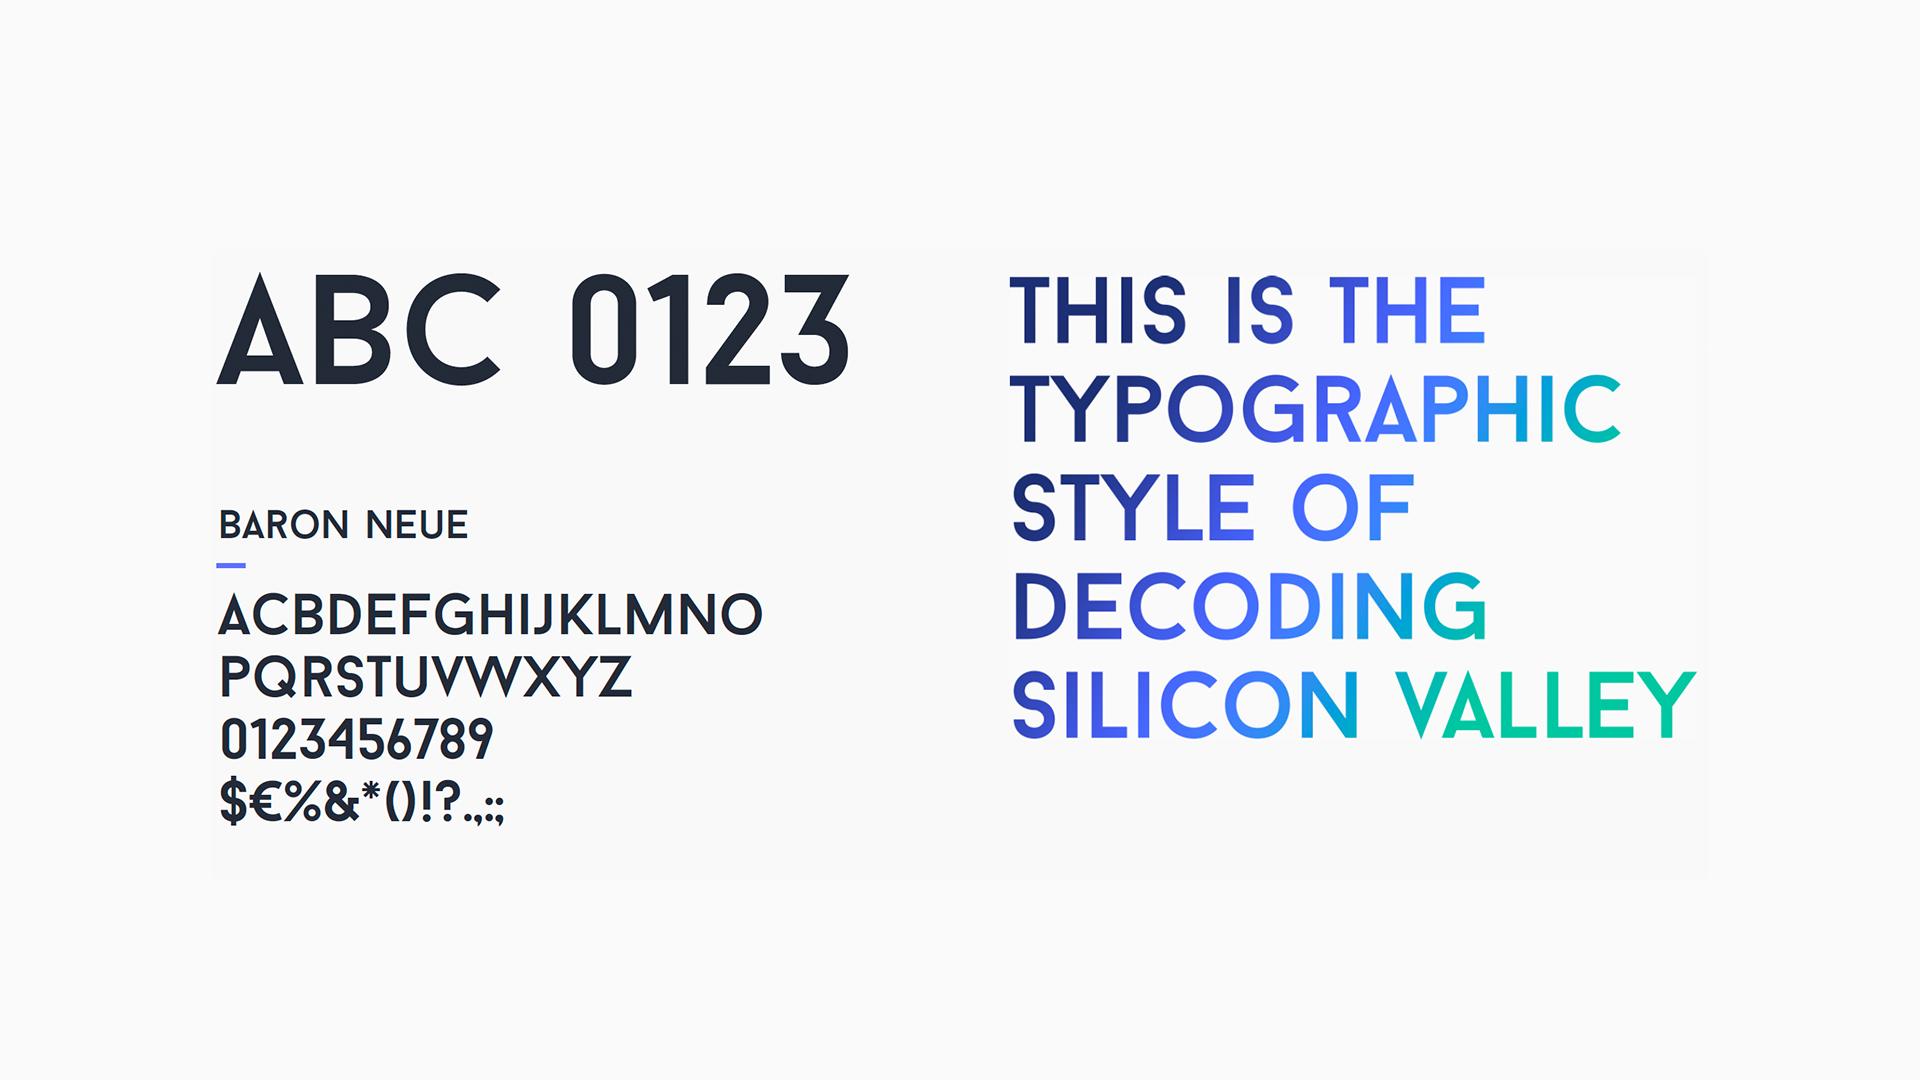 Typographic style